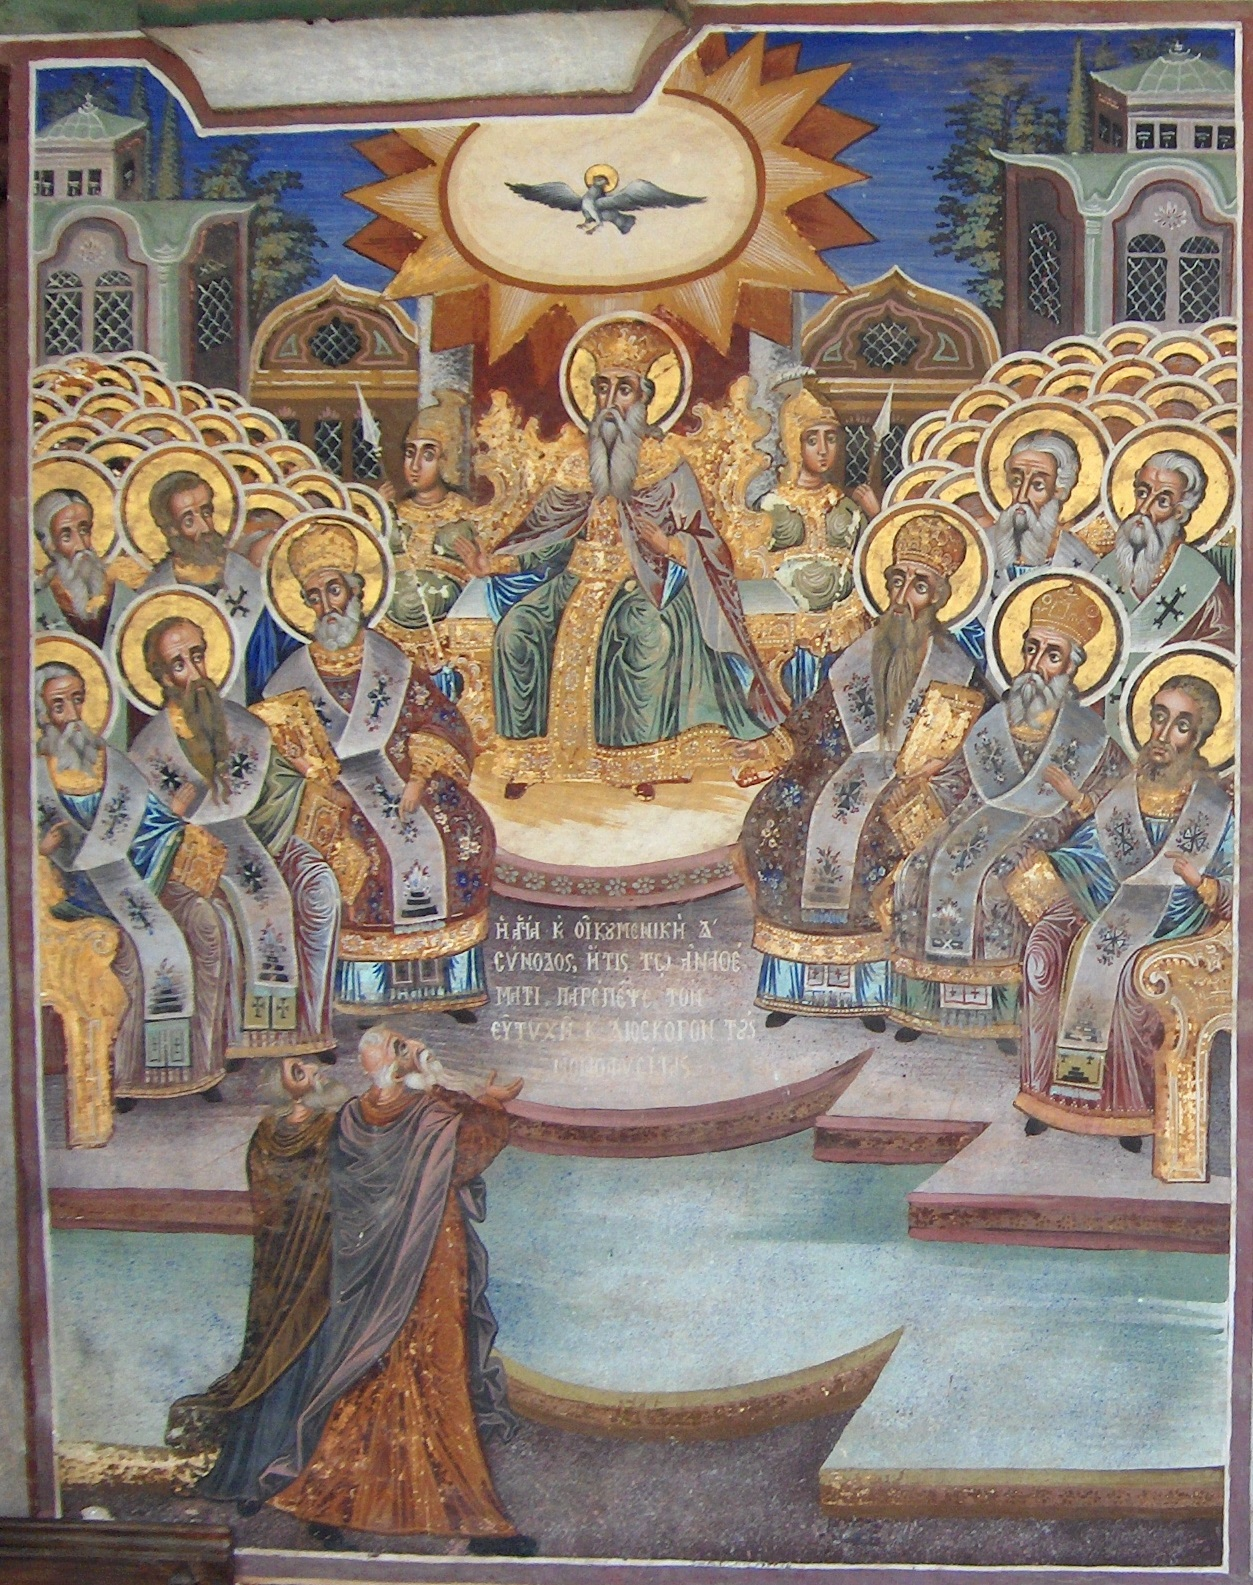 Κυριακή των Αγίων Πατέρων της Δ΄ Οικουμενικής Συνόδου, Αποστ. Ανάγνωσμα: Τιτ. γ' 8-15 (14-07-2019)